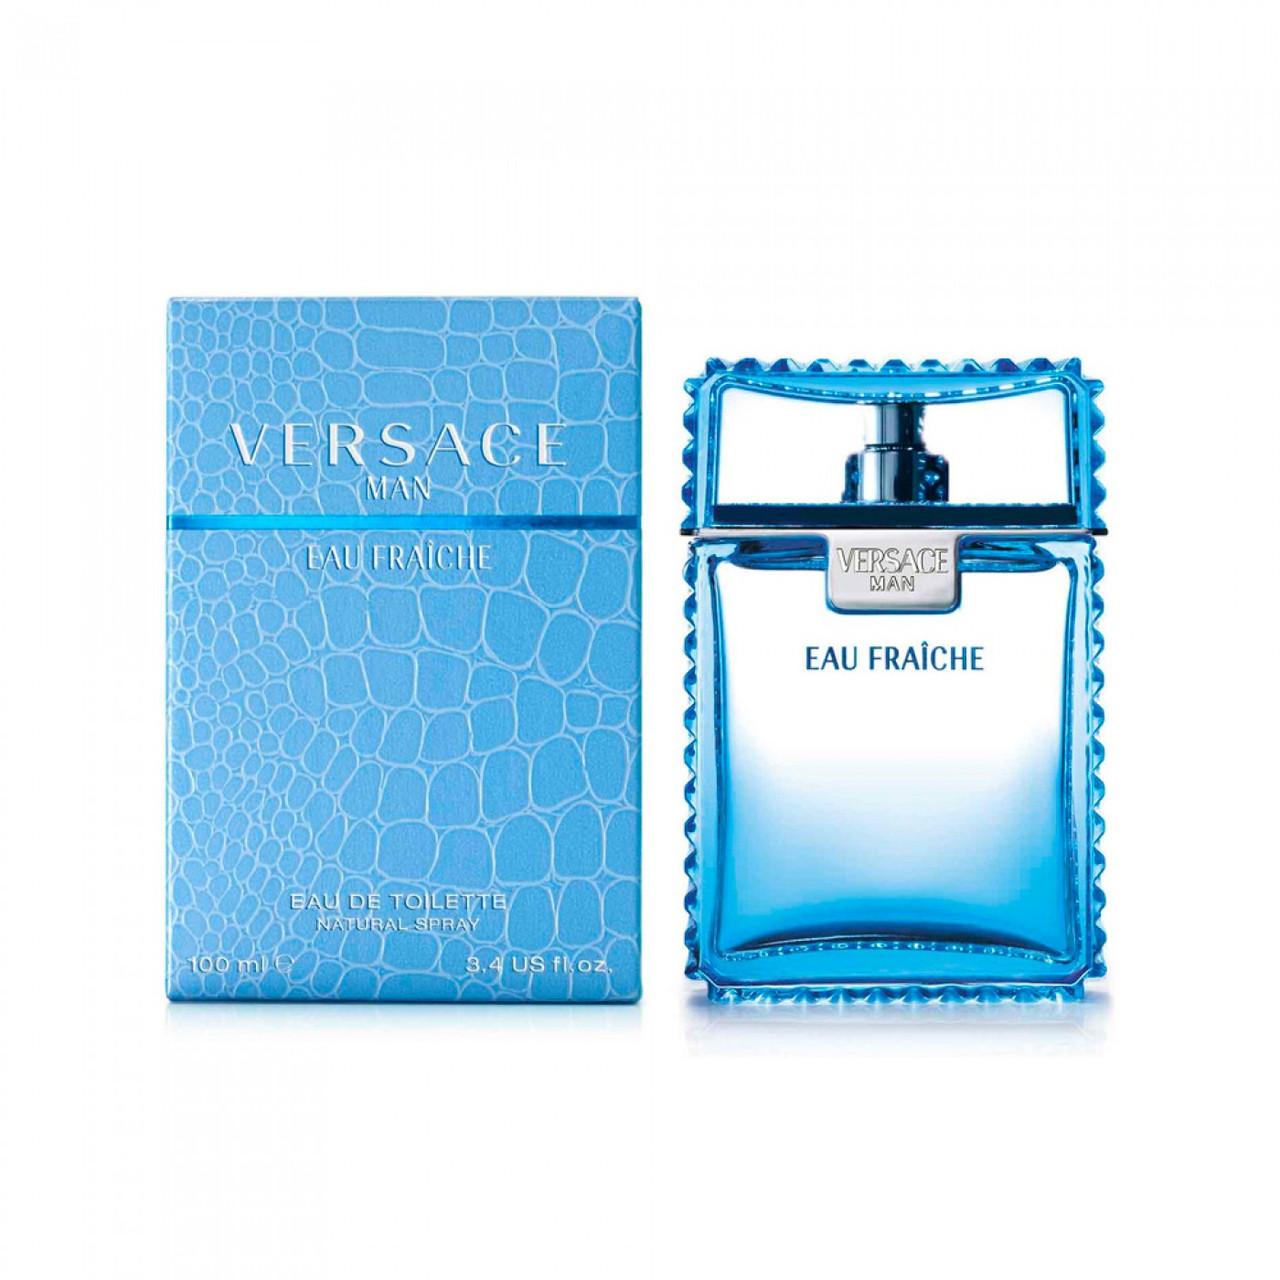 Чоловічі парфуми Versace Man Eau Fraiche 100 ML  продажа 8efa38ecaf5fb